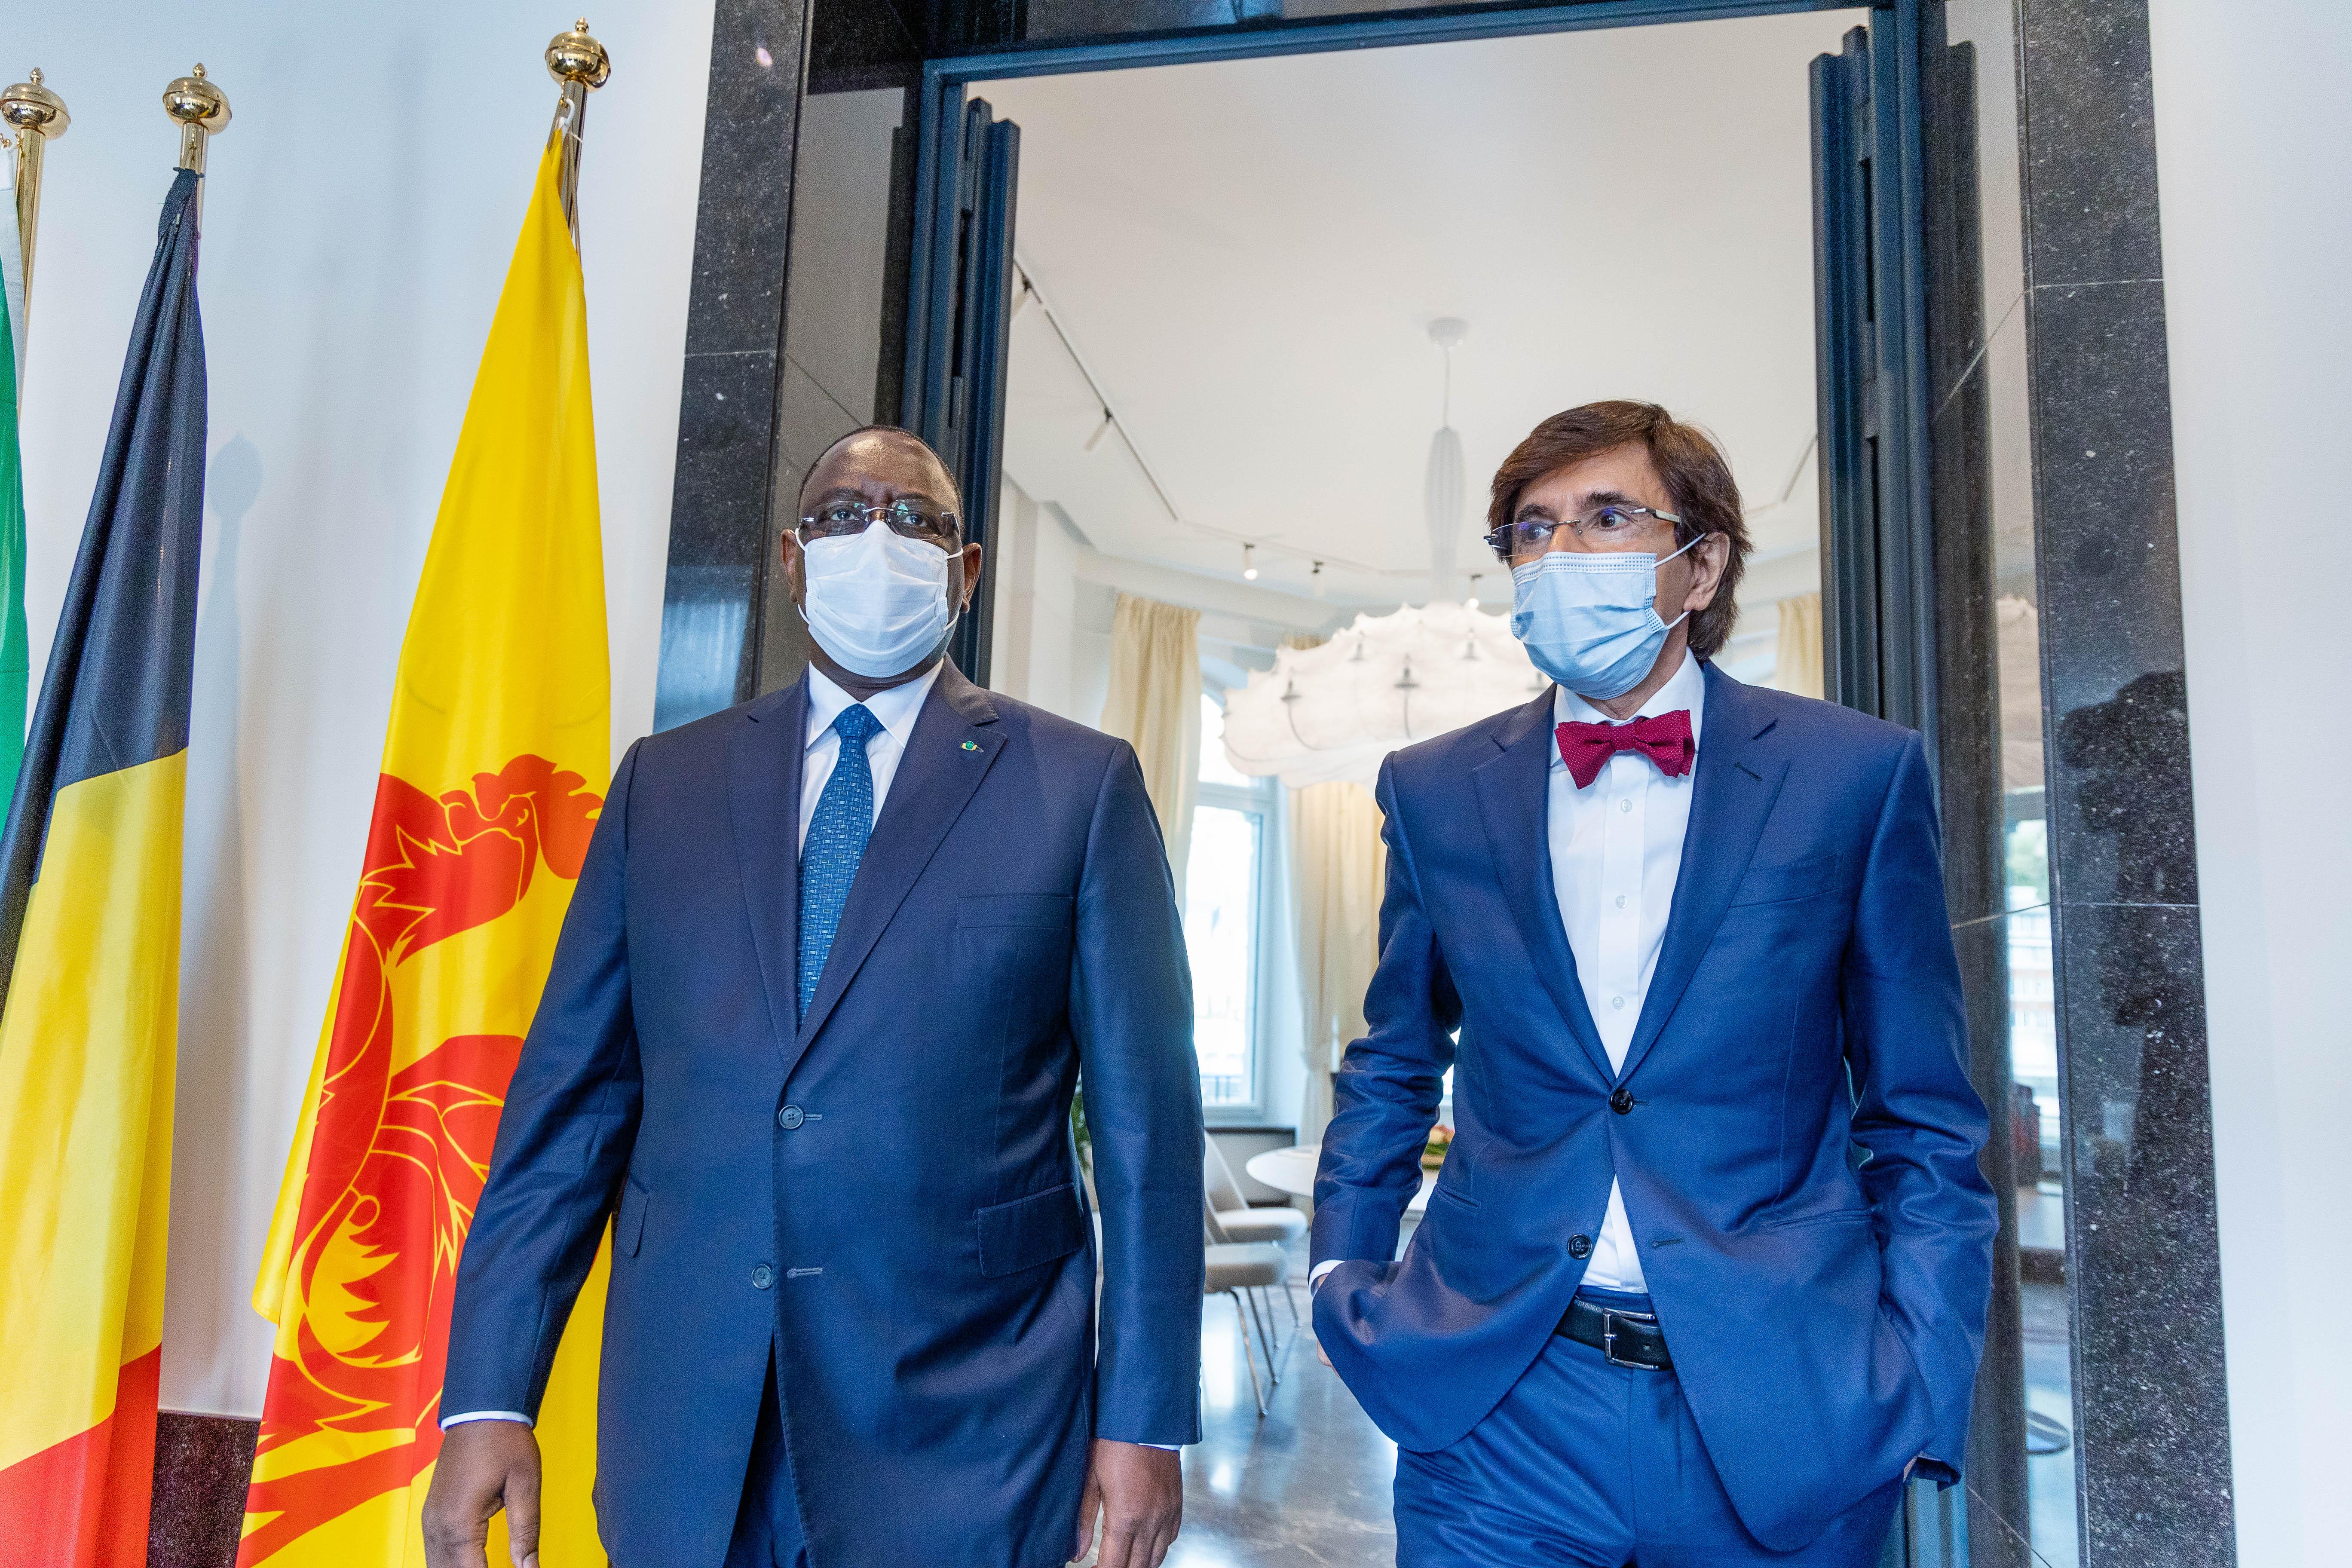 Son Excellence, Macky Sall, Président du Sénégal et le Ministre-Président du Gouvernement wallon, Elio Di Rupo